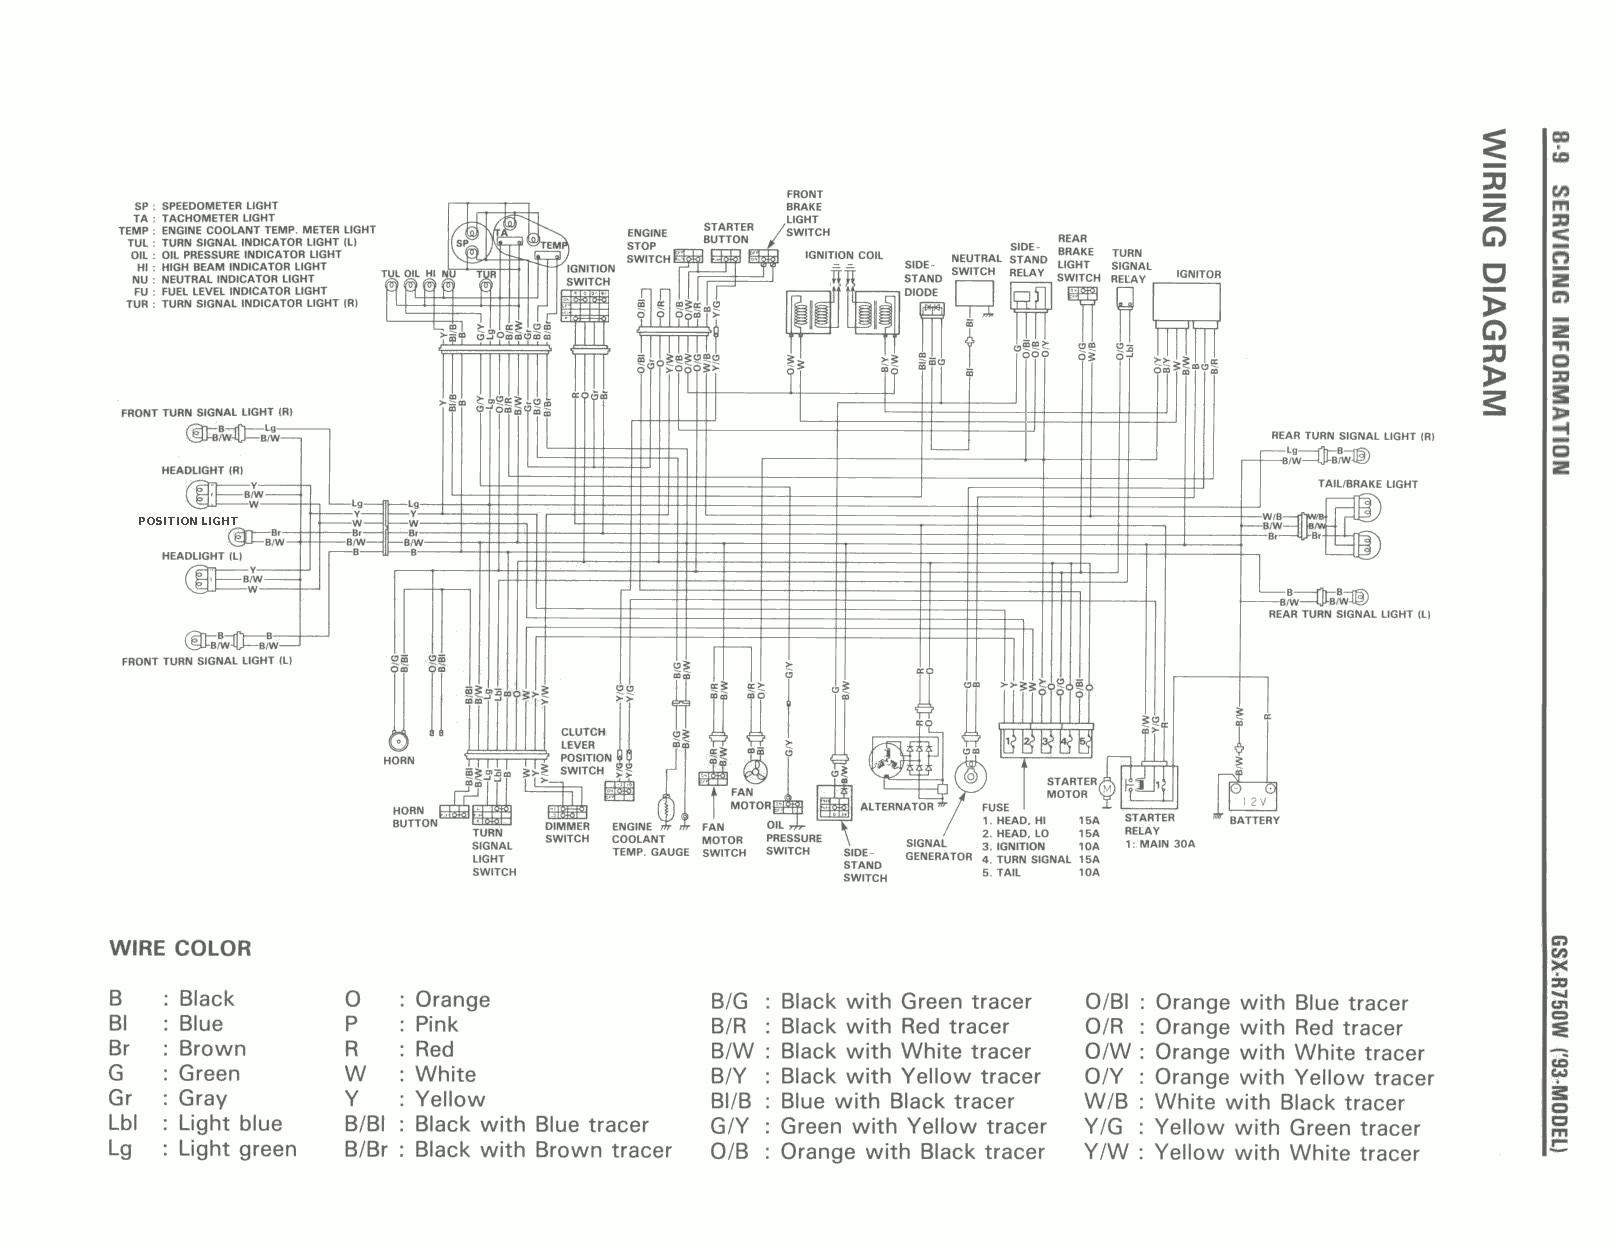 Remarkable Suzuki Df115 Wiring Diagram Gallery - Best Image ...